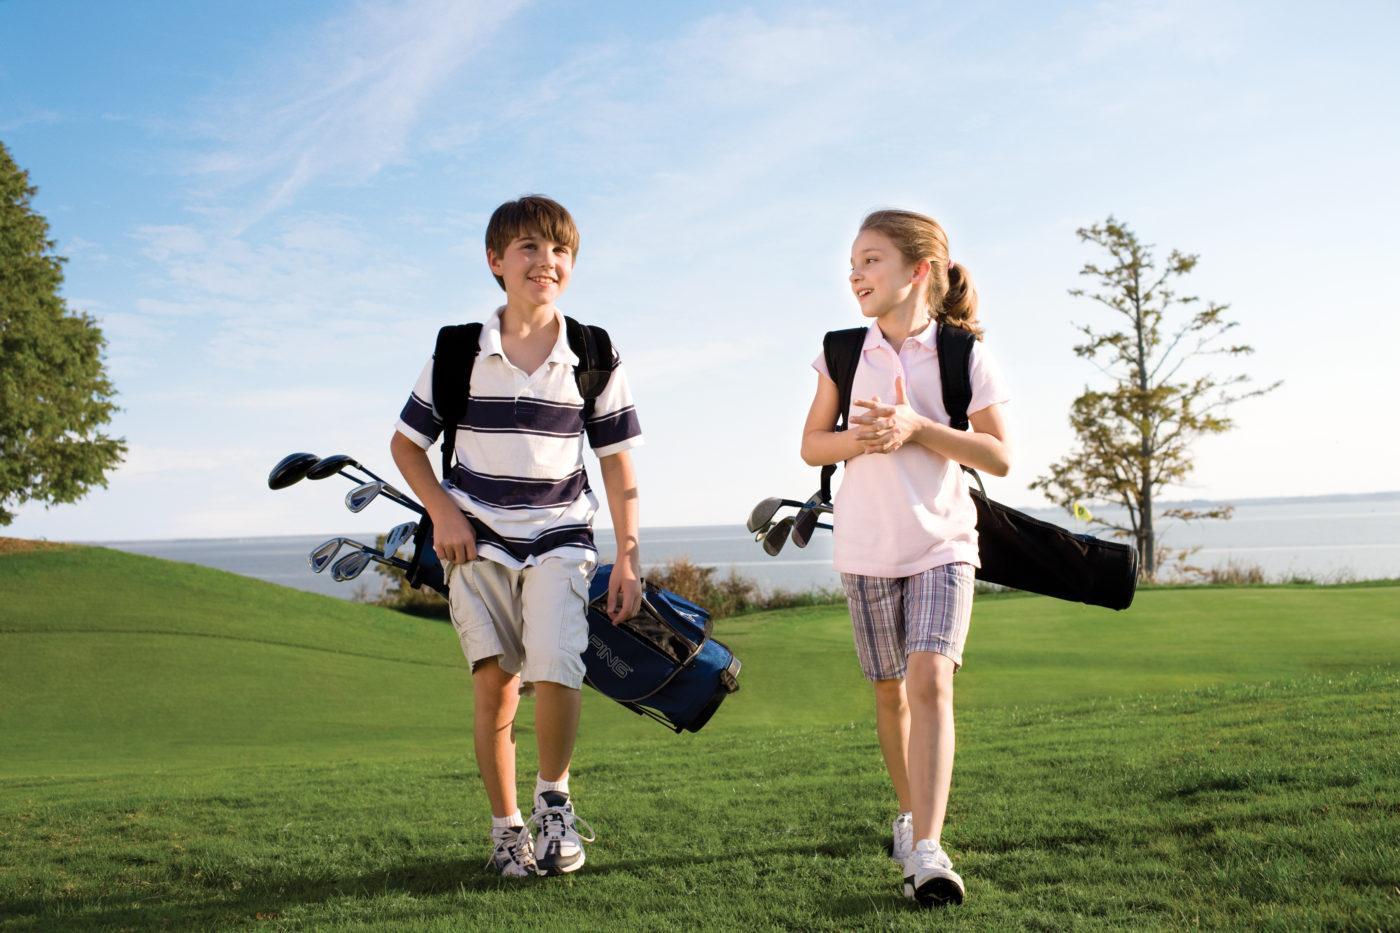 https://secureservercdn.net/104.238.69.231/tbs.145.myftpupload.com/wp-content/uploads/2019/09/Junior-Golf-Camps-e1571601442223.jpg?time=1627308285